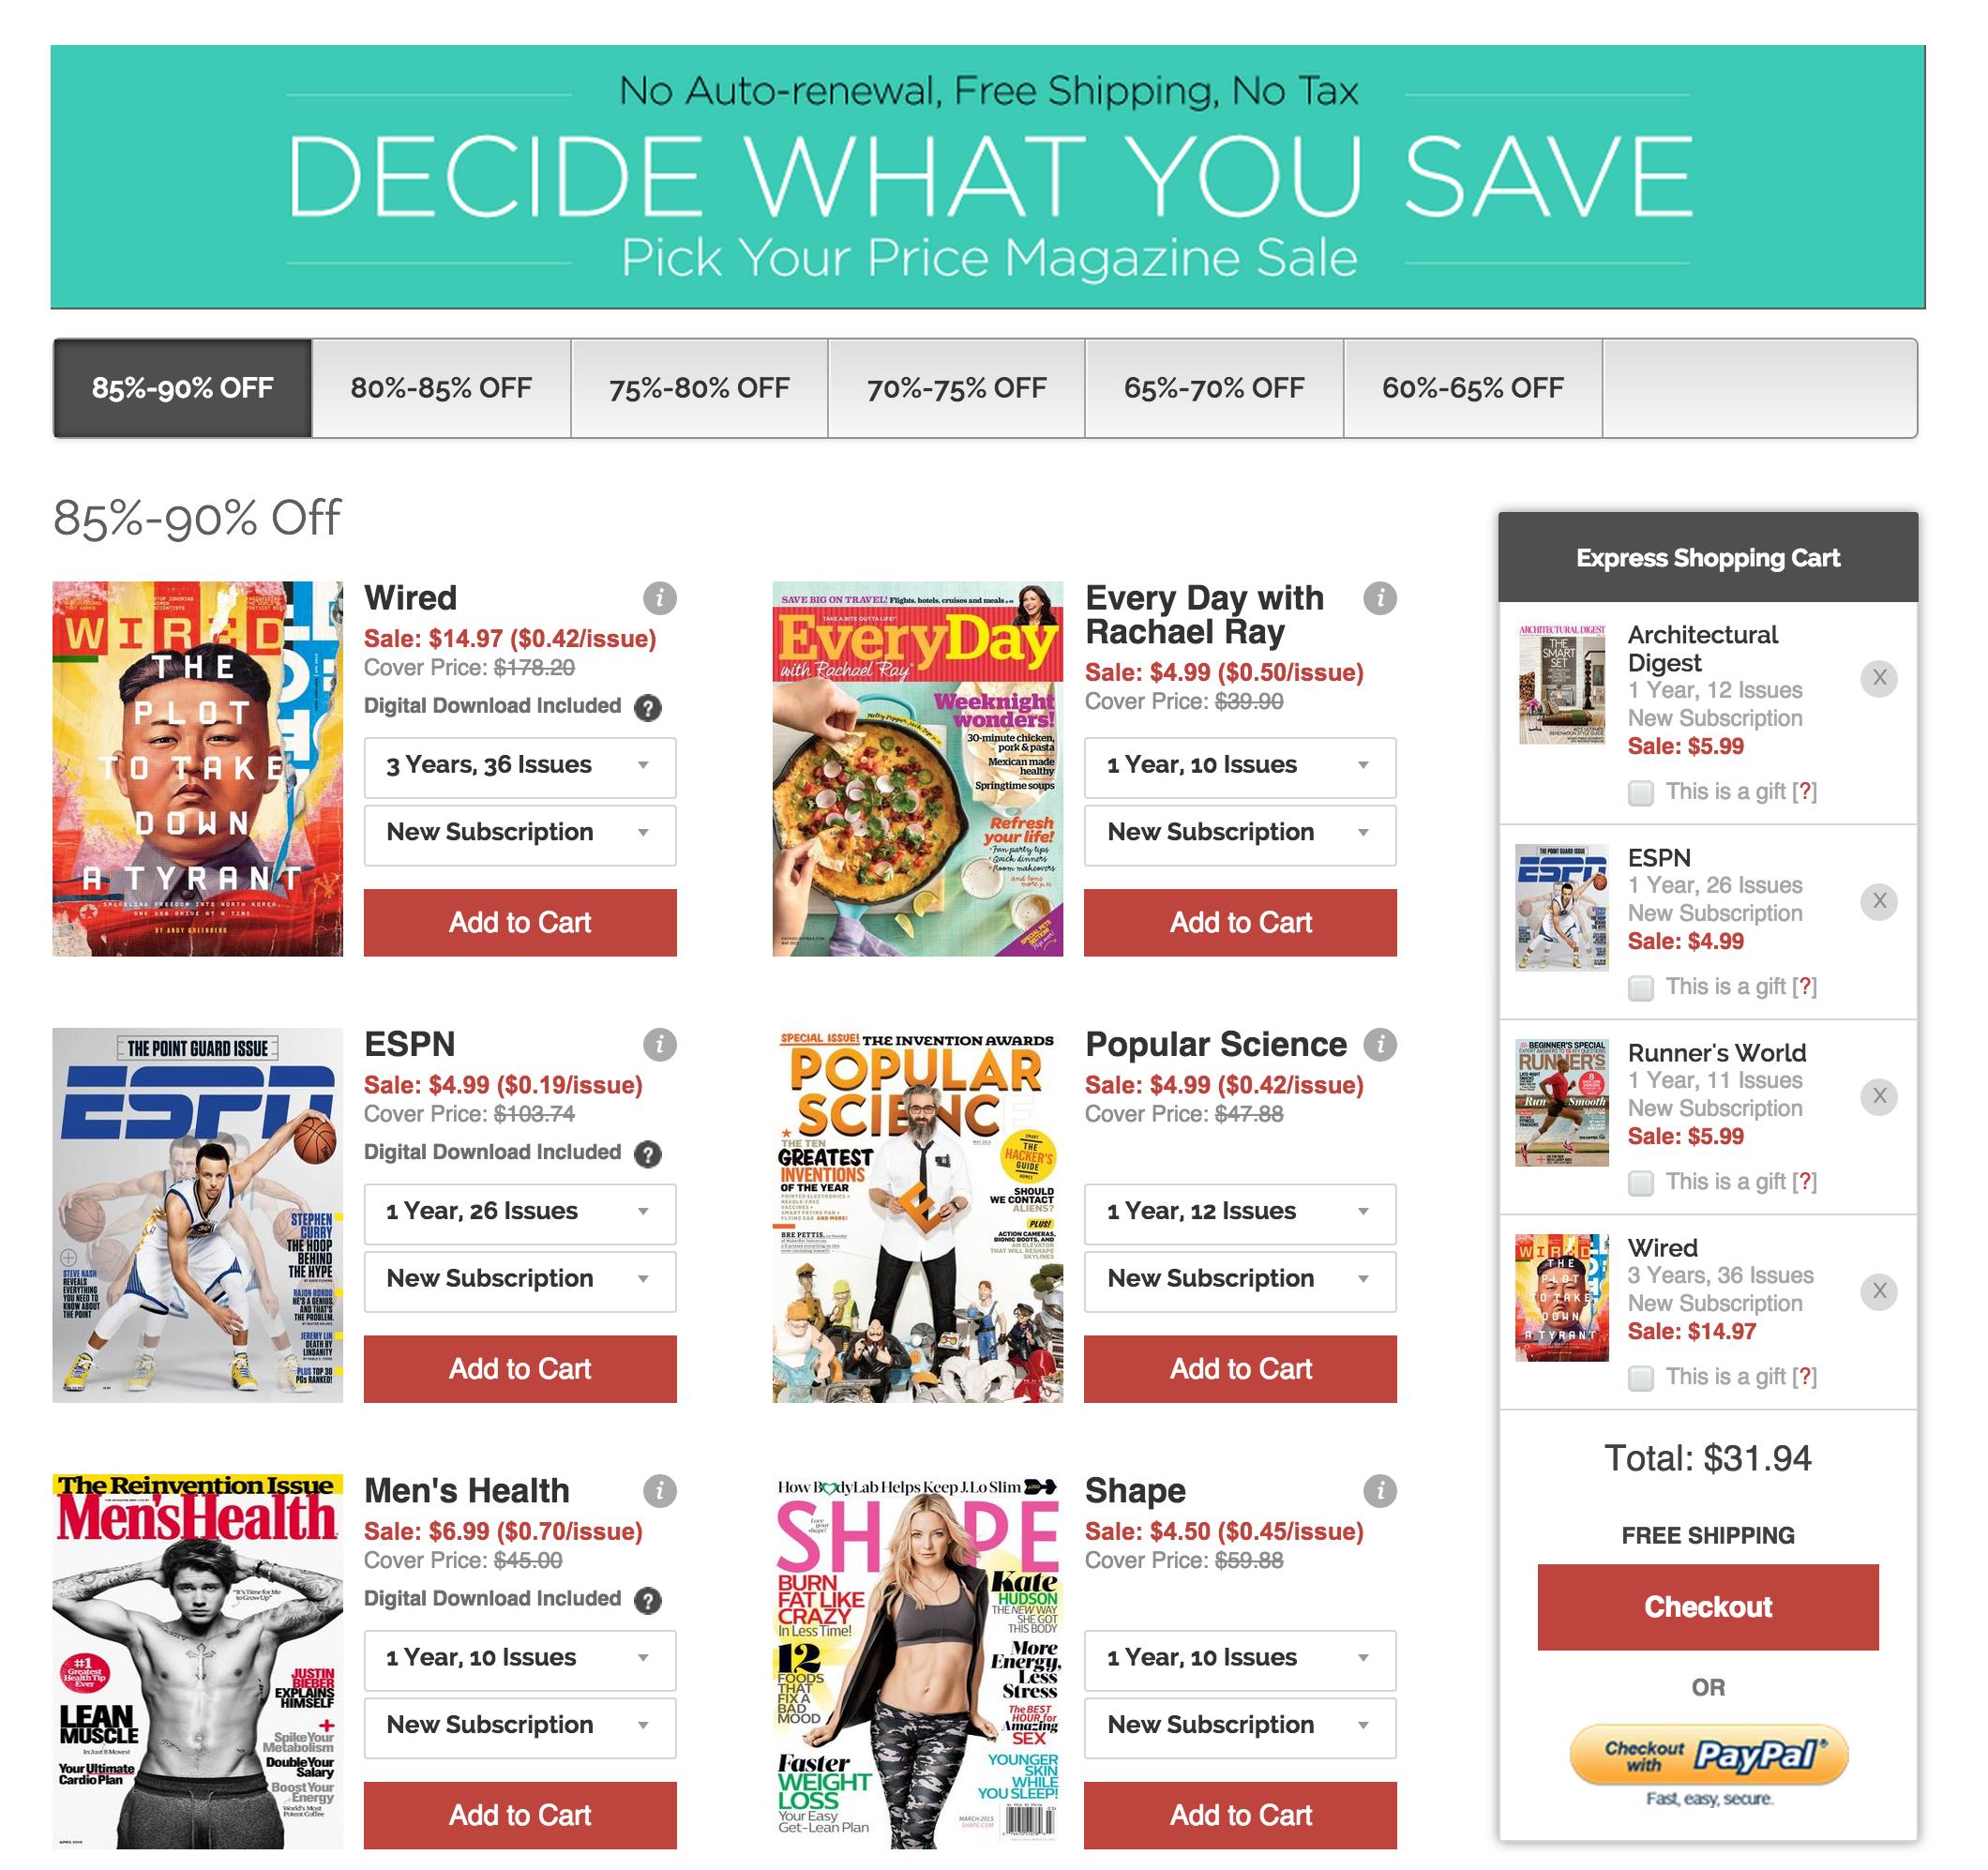 Magazine sale | 9to5Toys